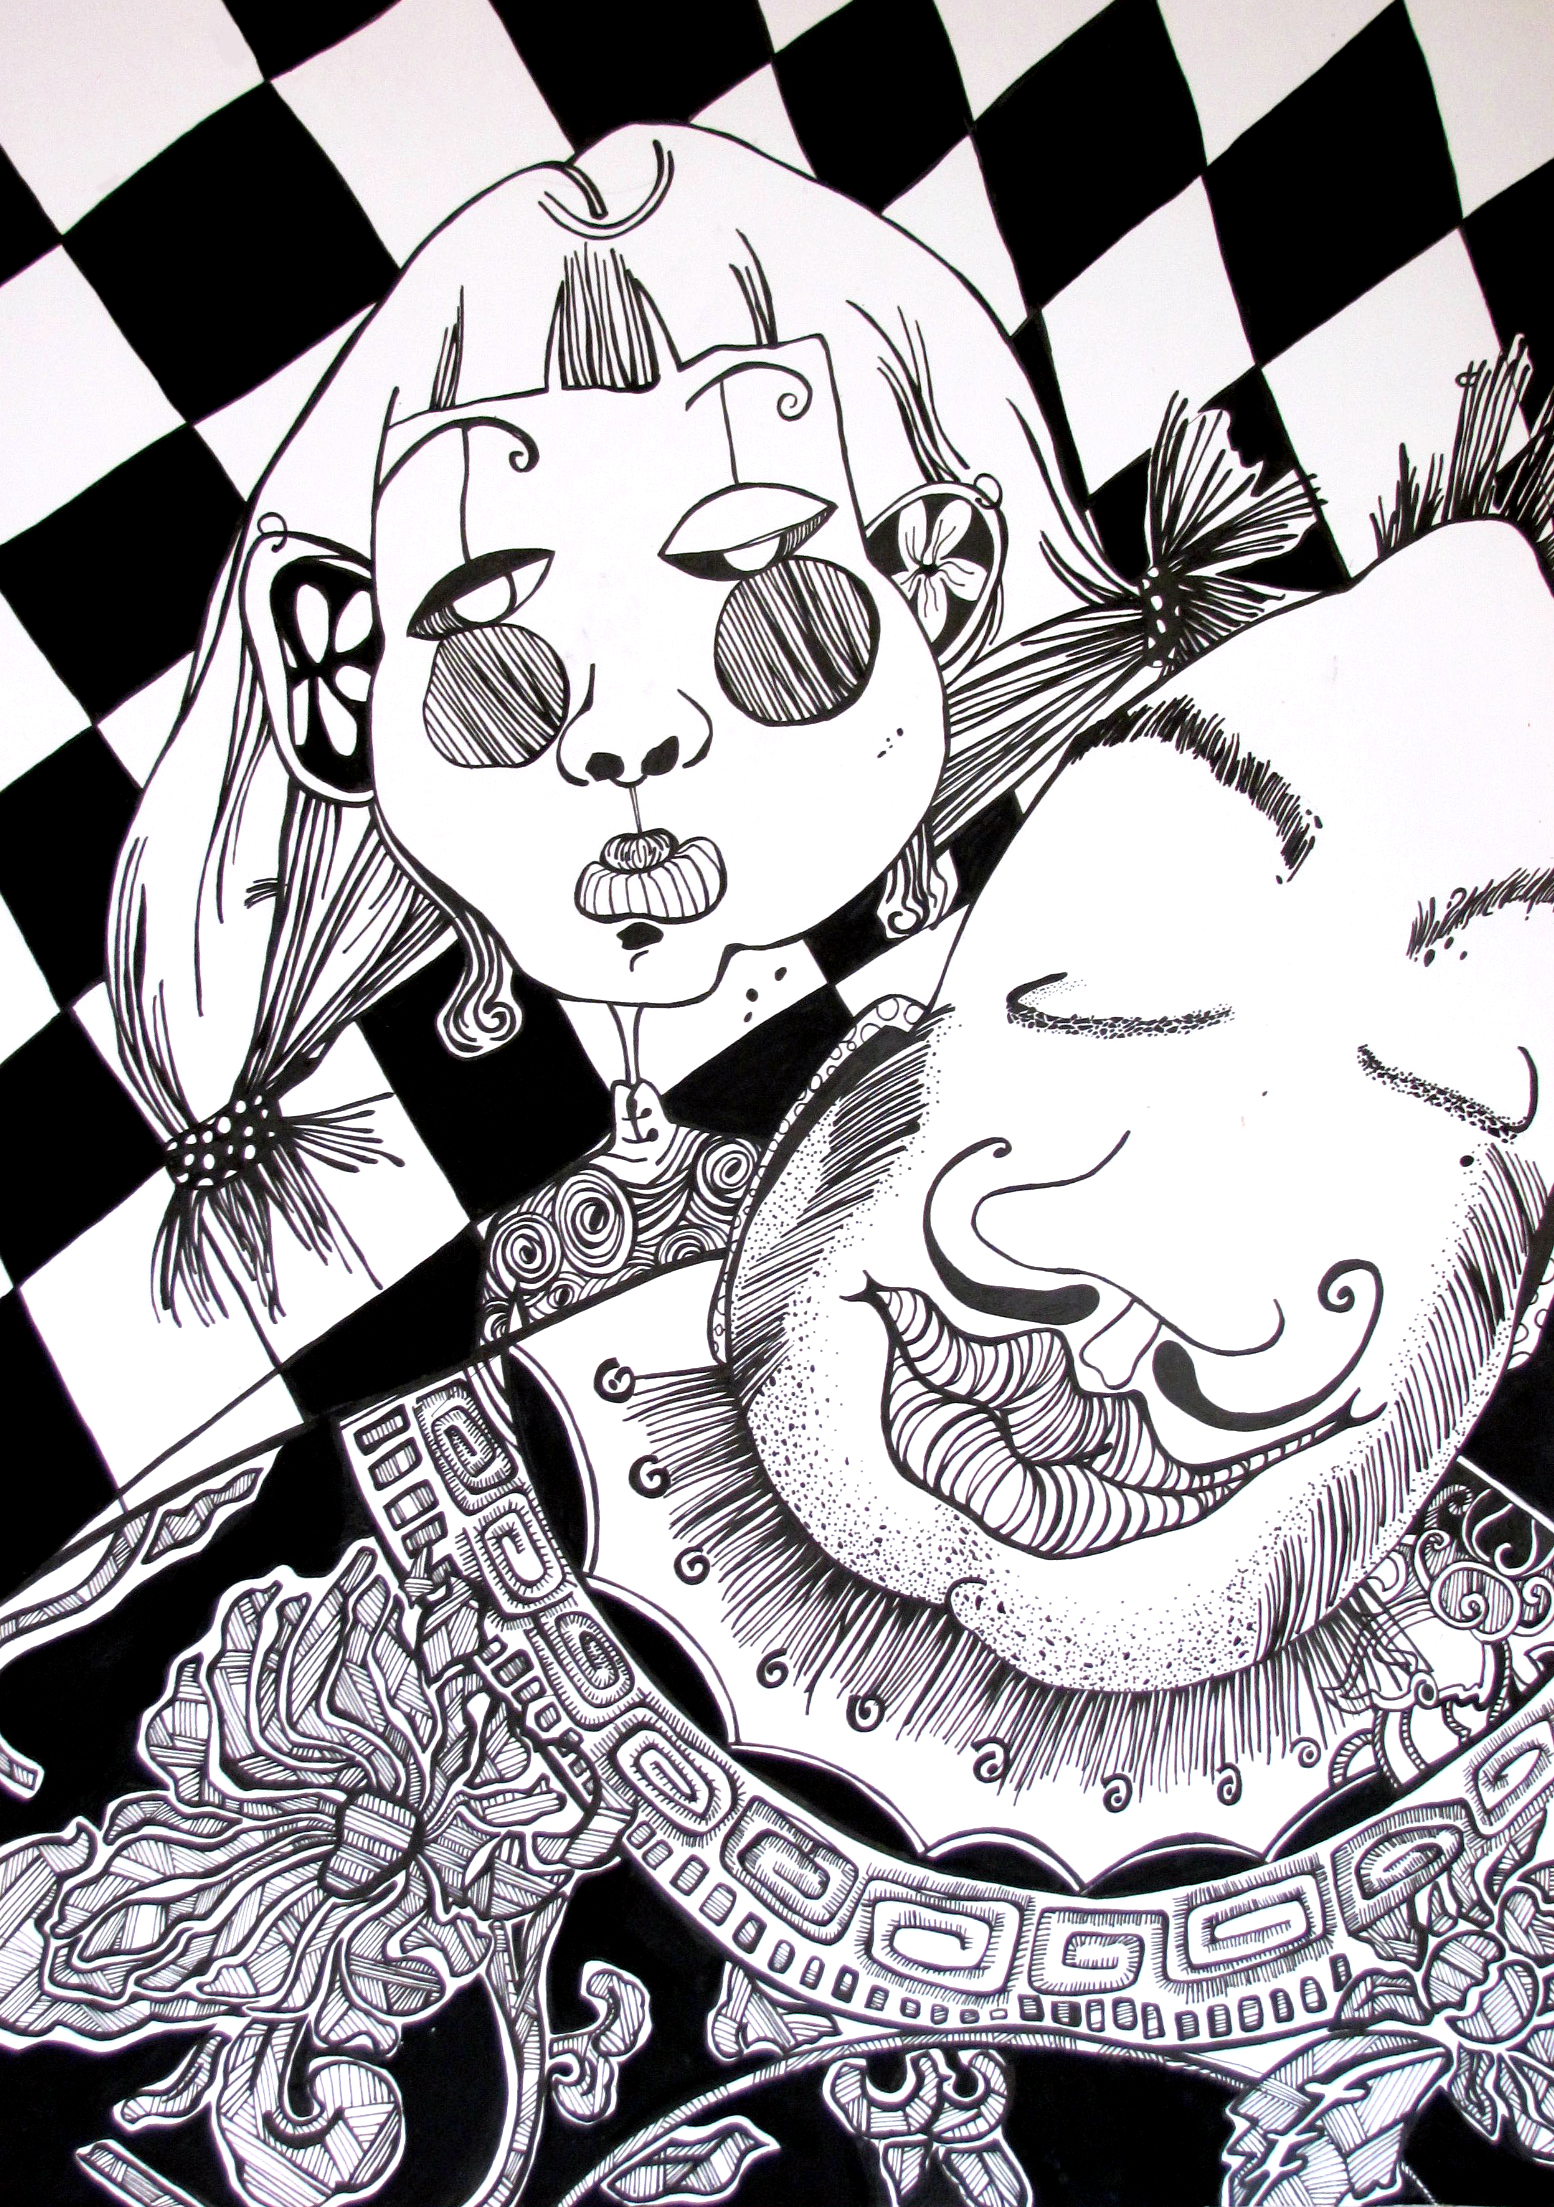 手绘插画|平面|图案|章鱼墨水 - 原创作品 - 站酷